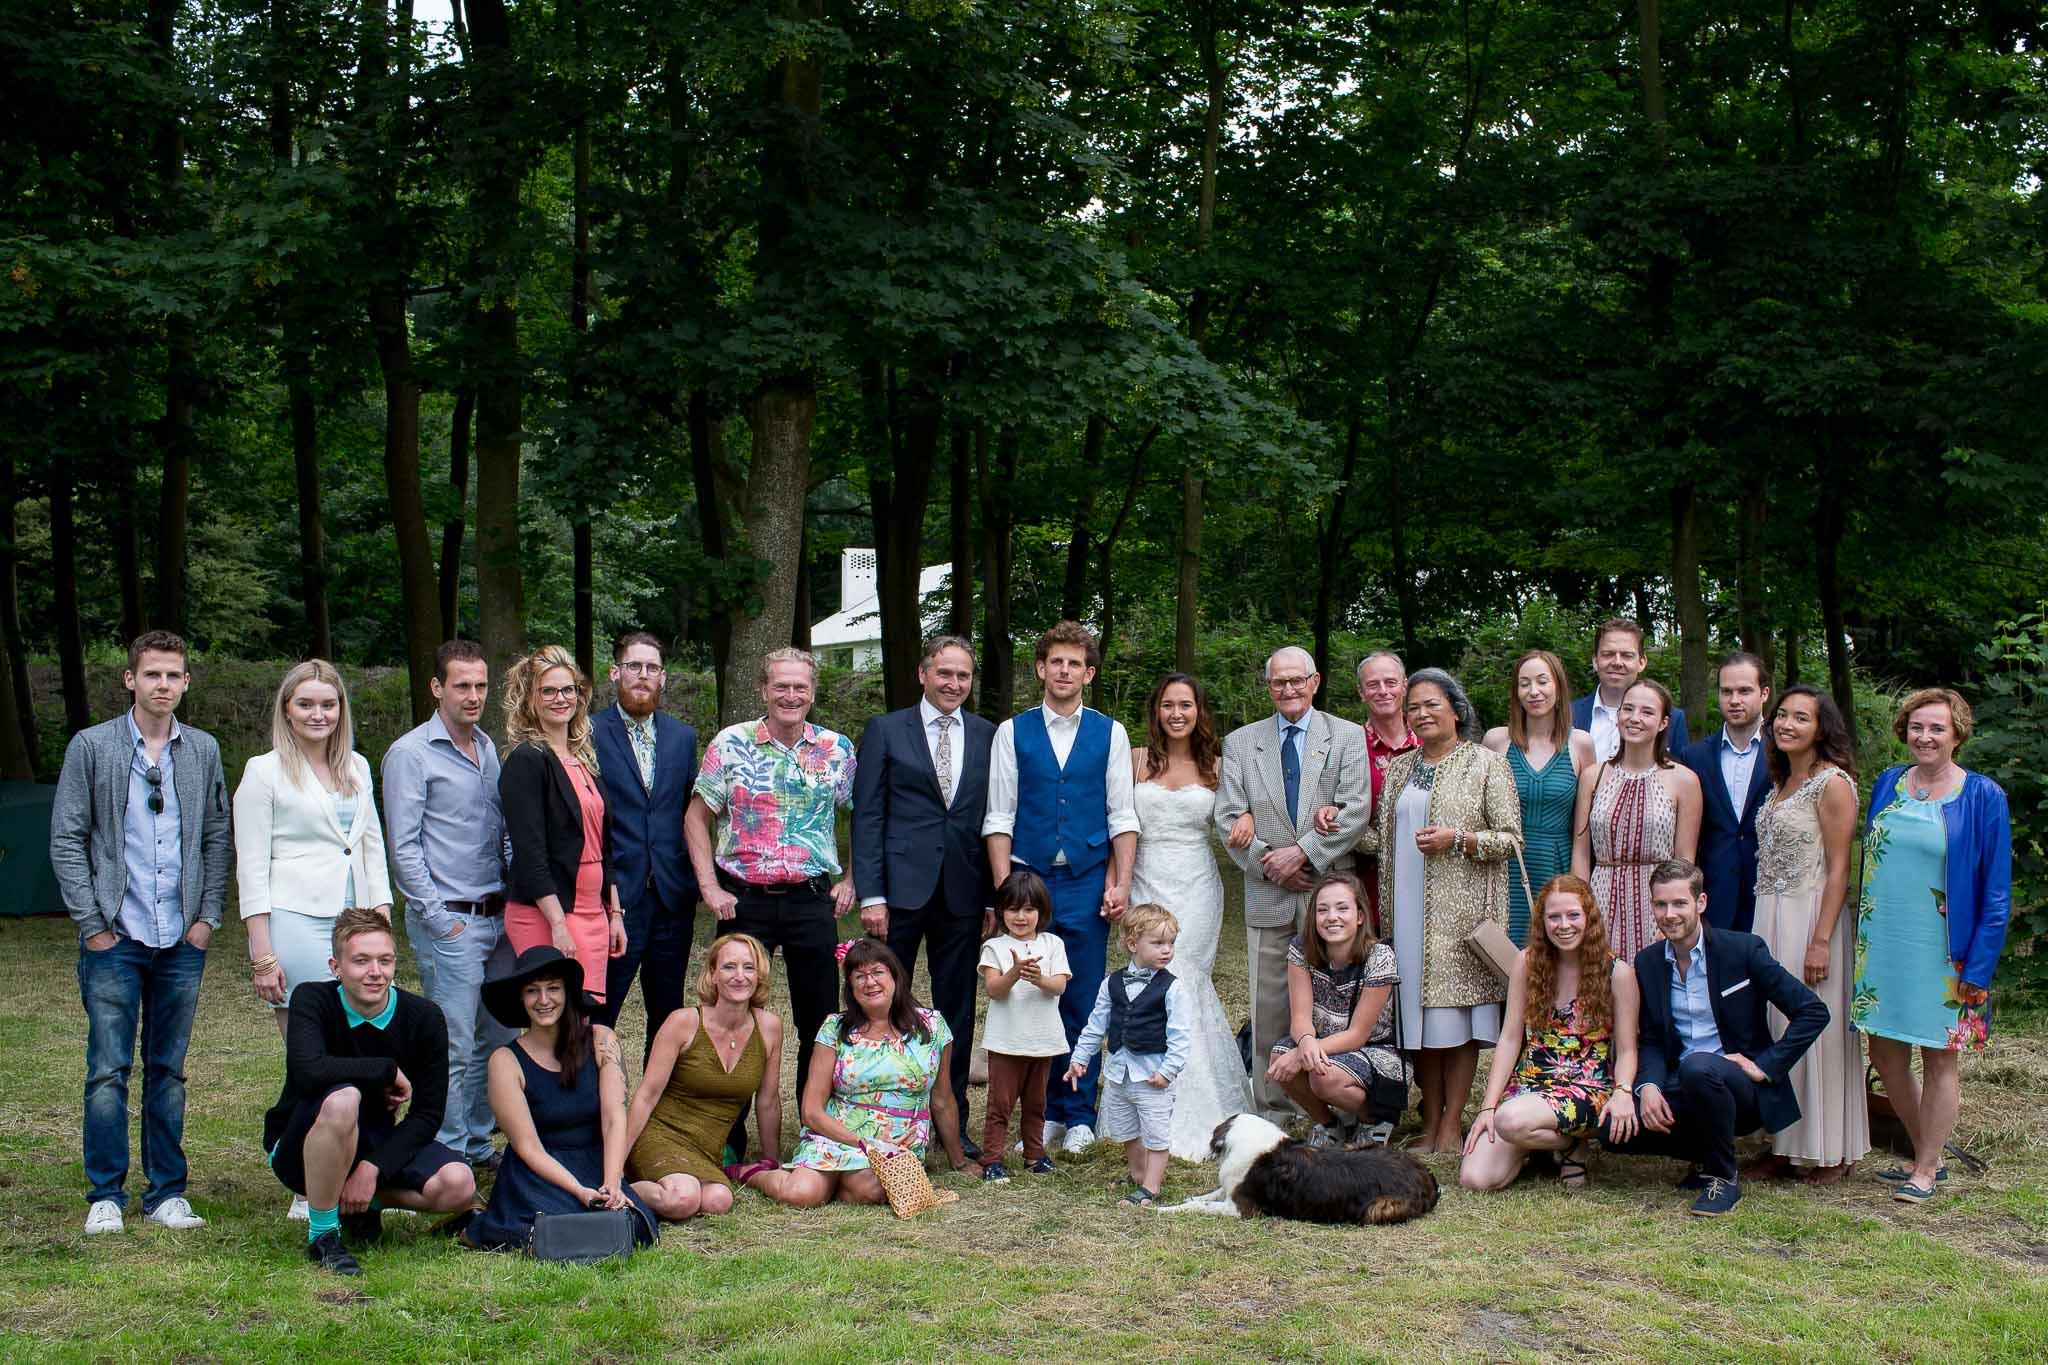 freebirdstories-com_wedding_christiaannina_lowres_696